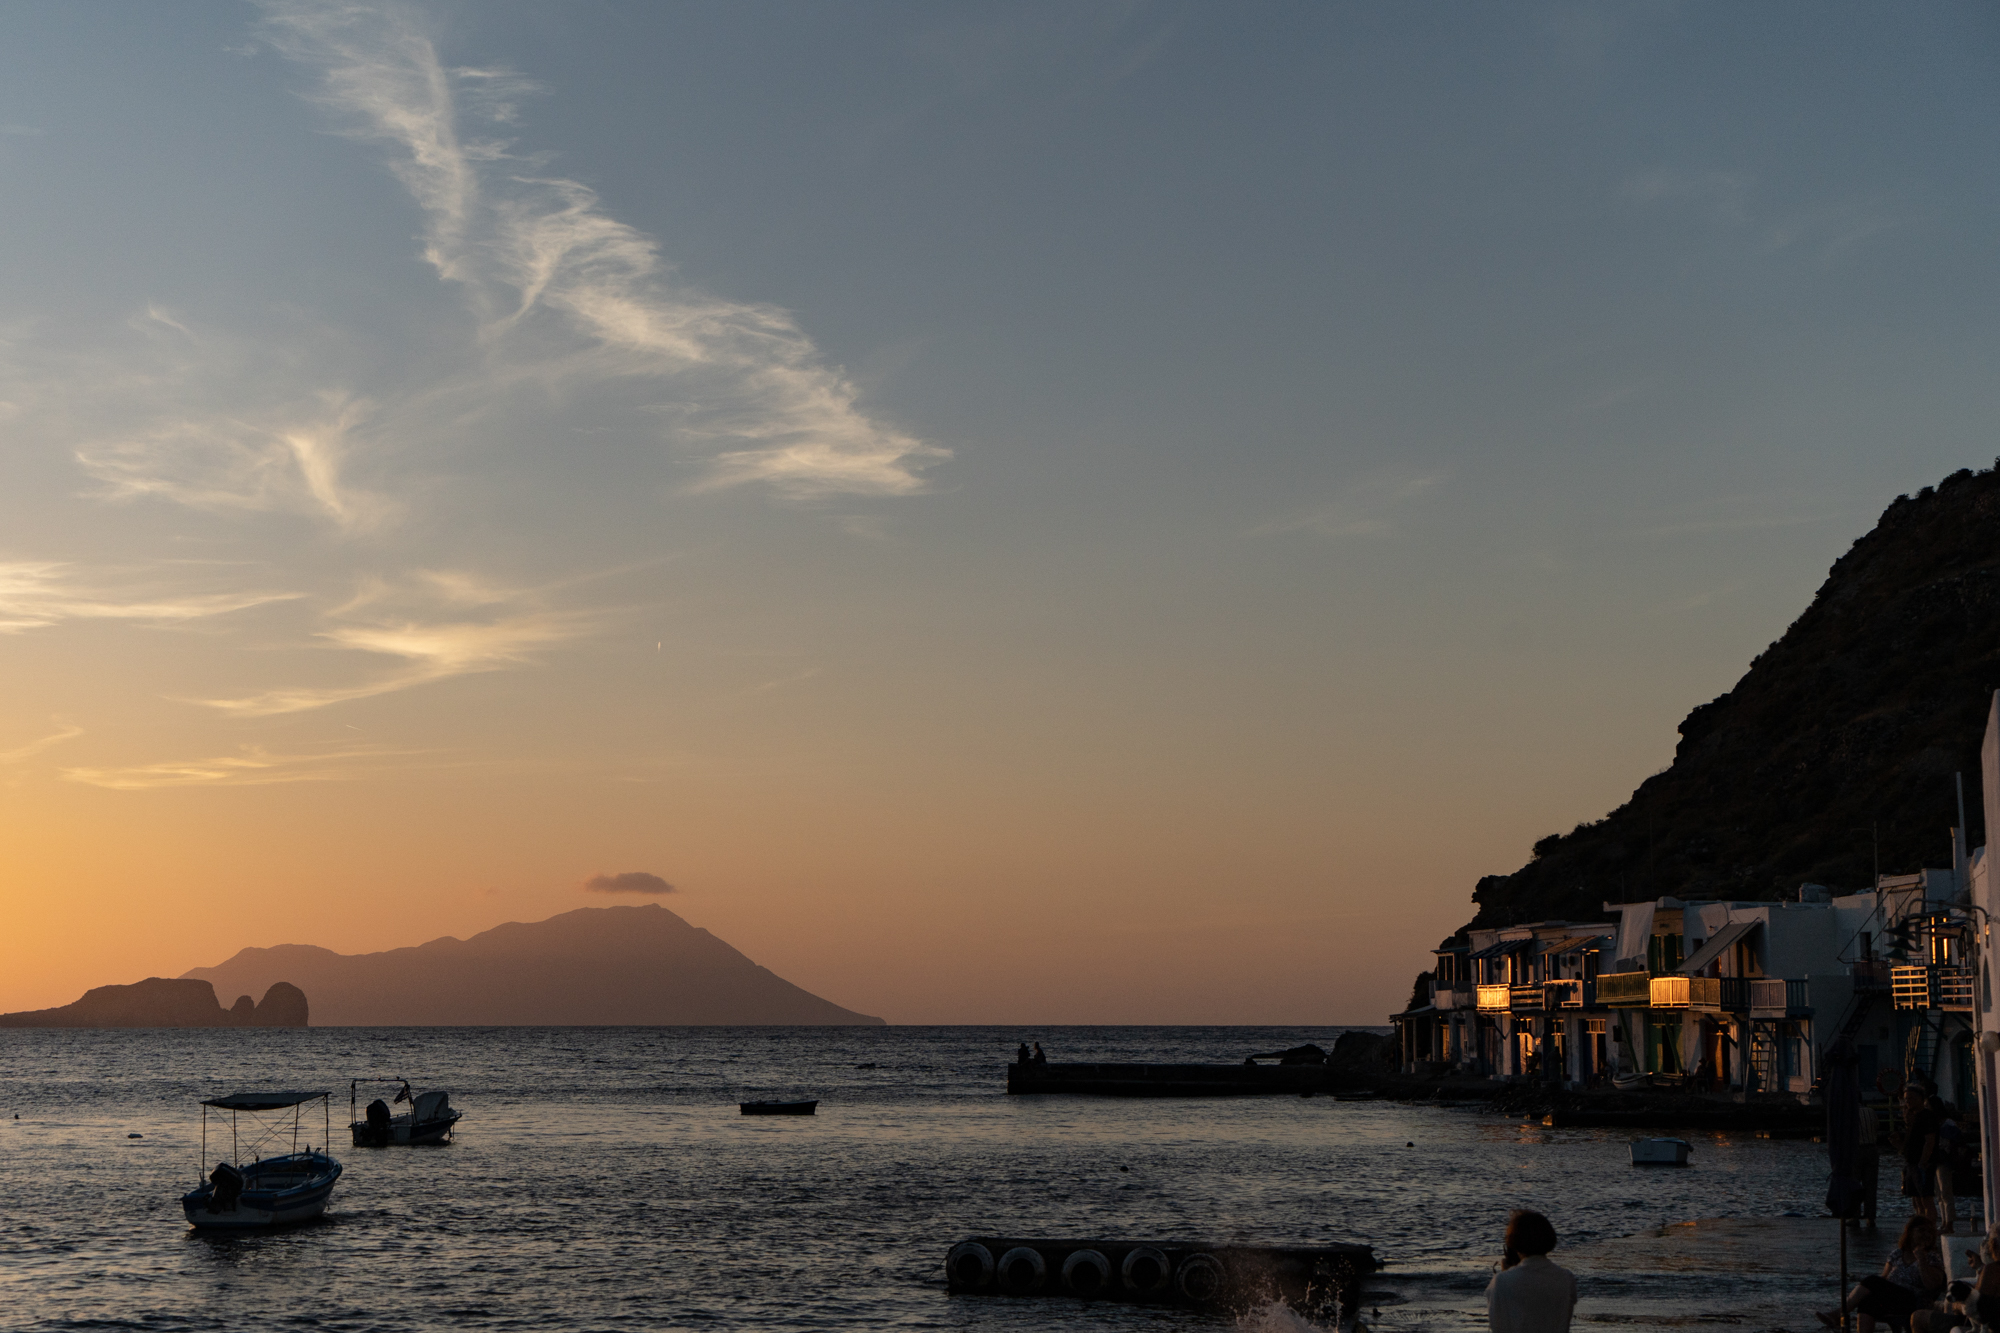 希腊米洛斯的克里马渔村,日落在海面上,地平线上有一座山的轮廓